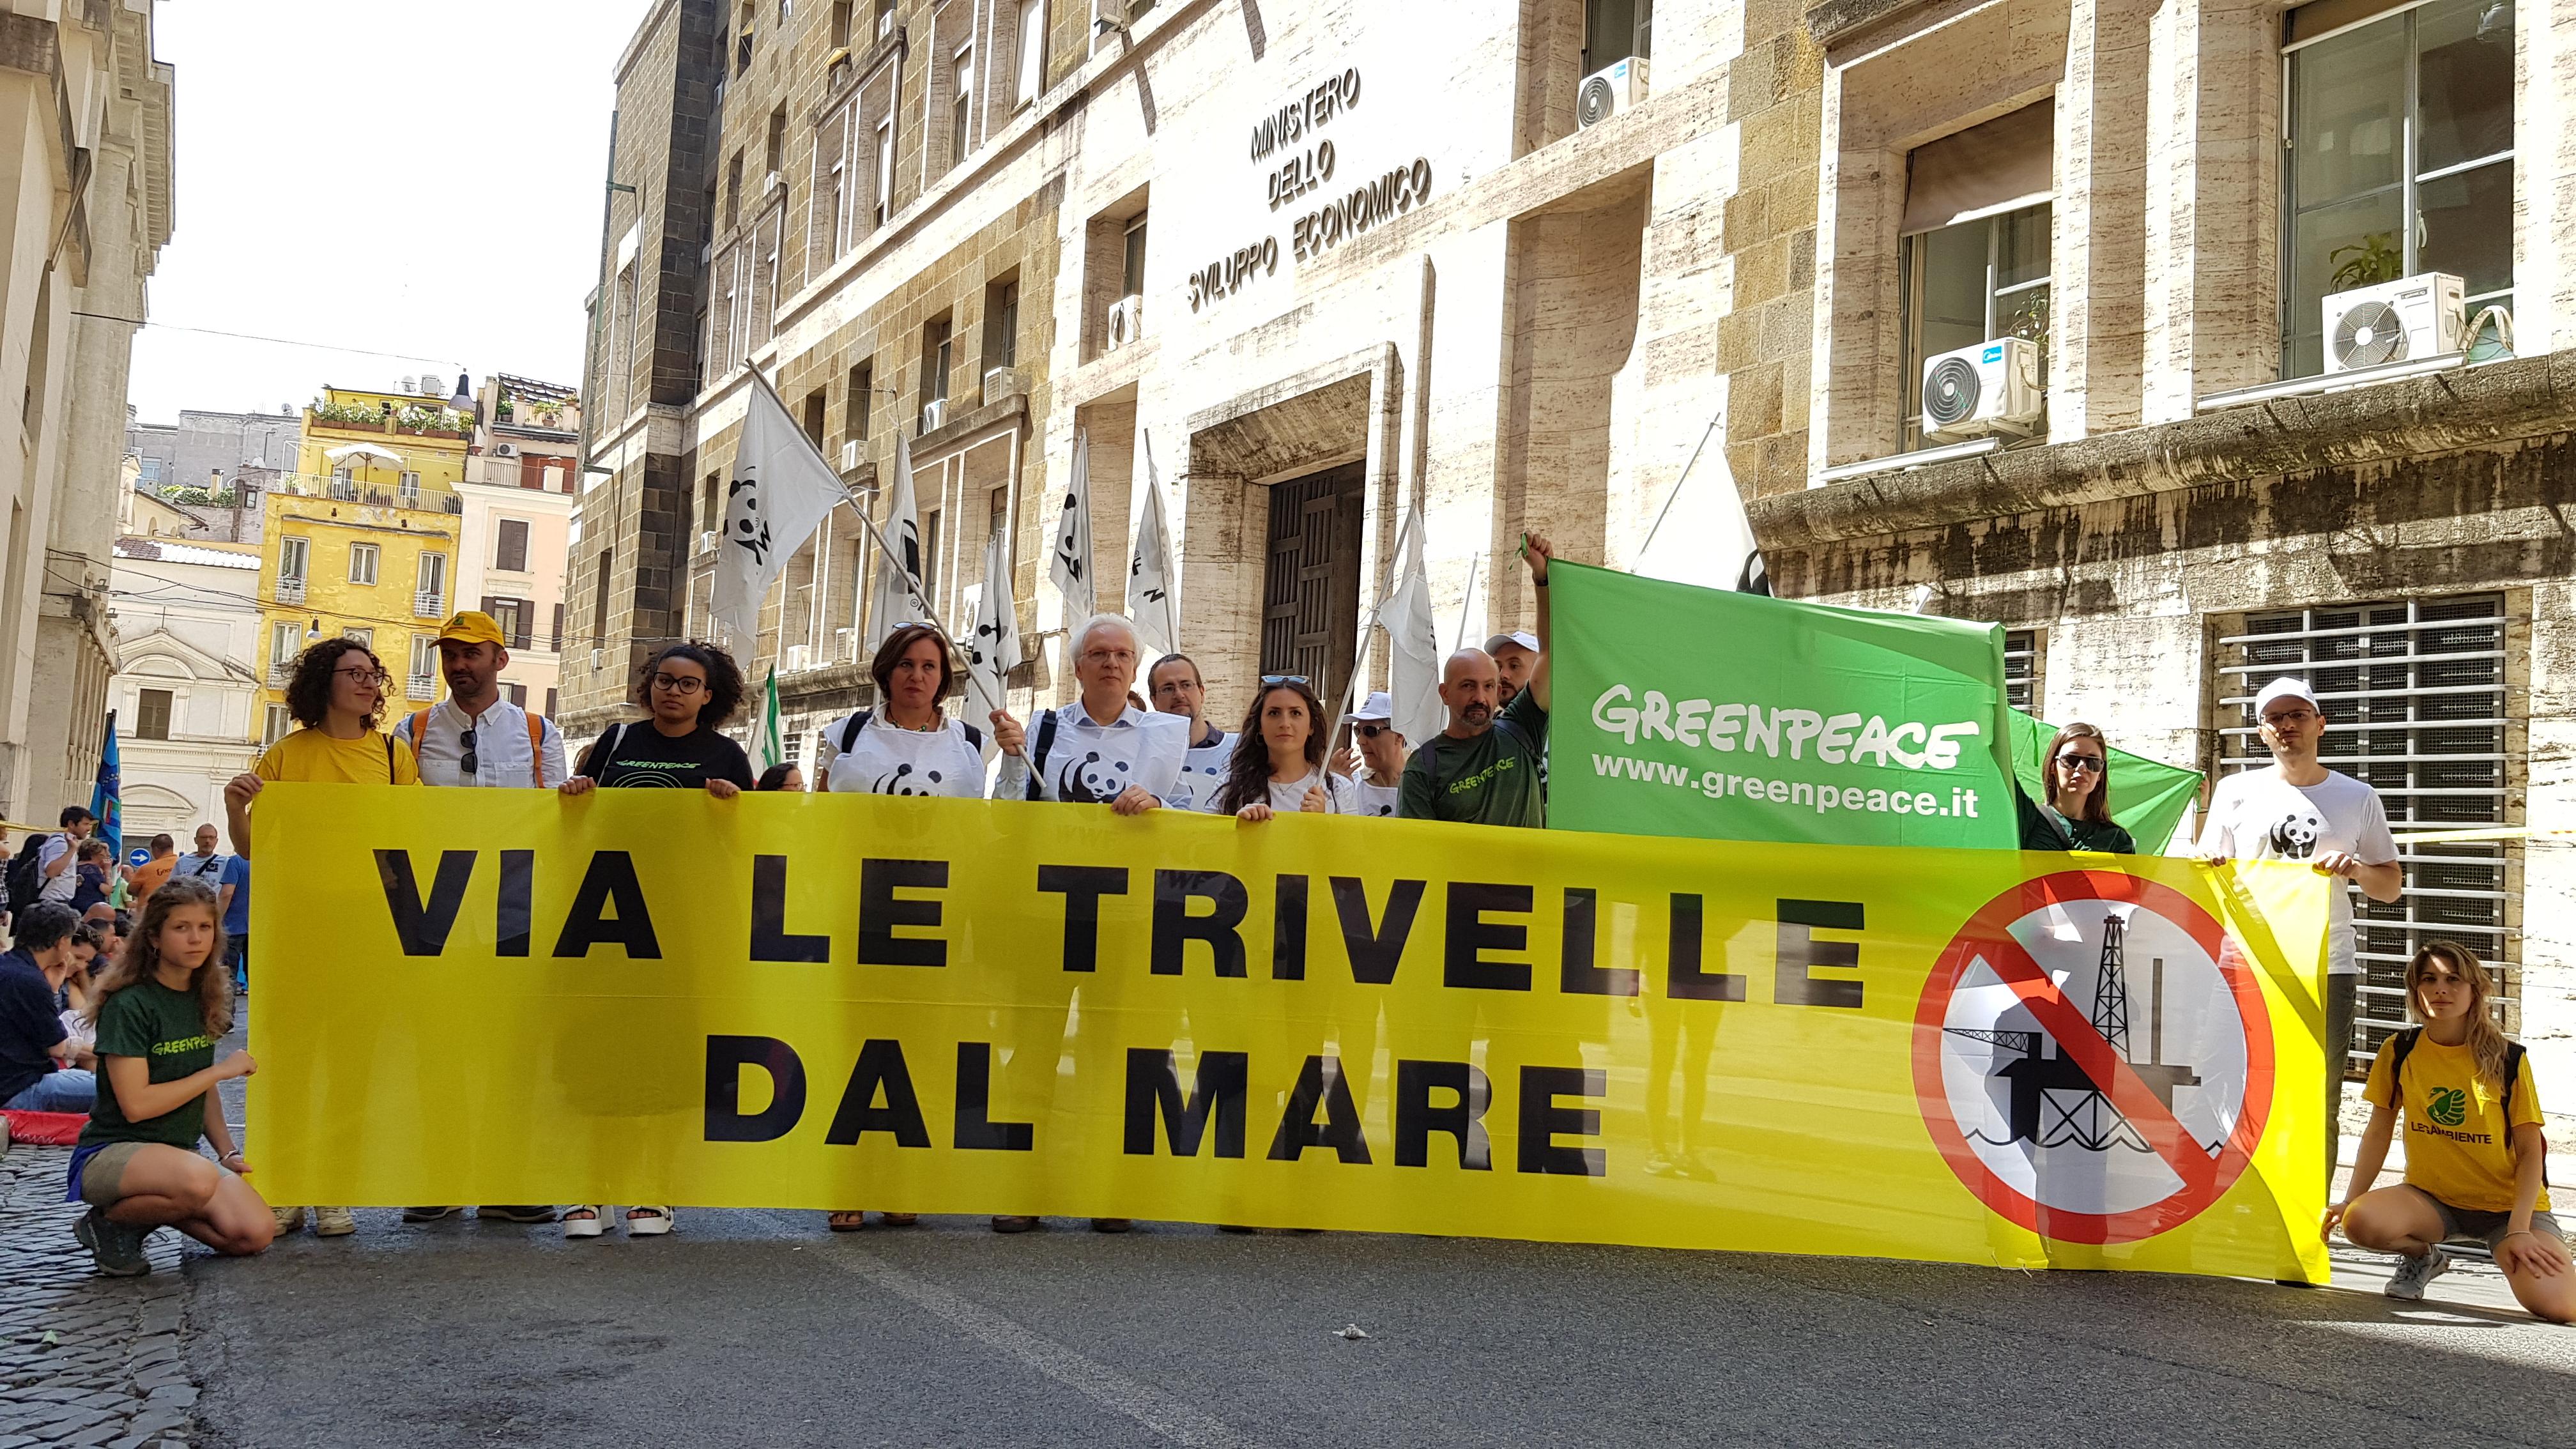 Manifestazione al Mise contro le trivelle - @Alessandro Bianchi/ Greenpeace